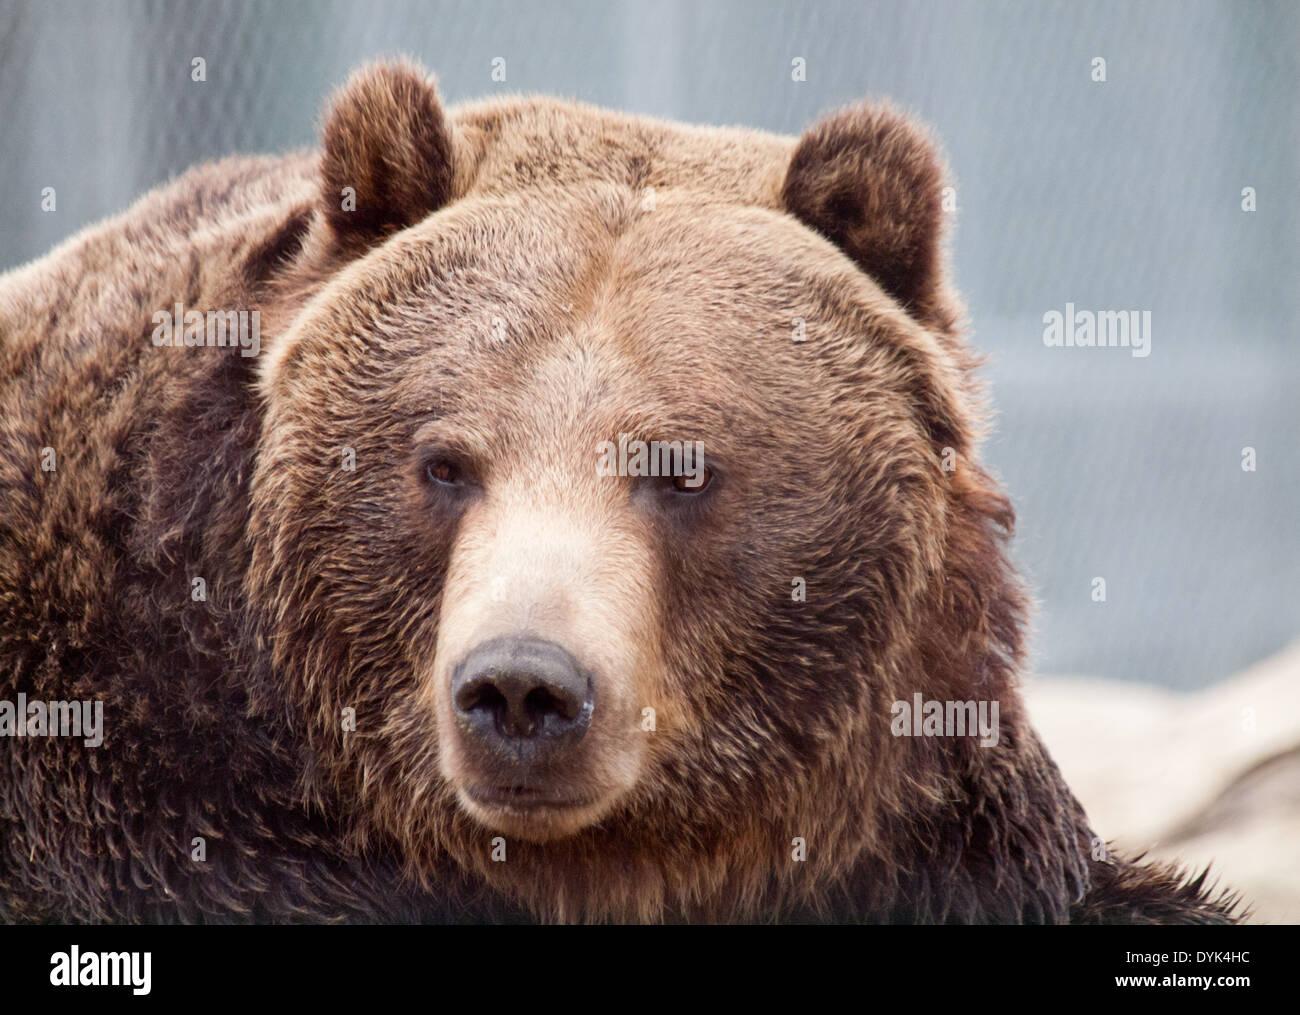 Un portrait d'un adulte Grizzli (Ursus arctos horribilis) en captivité à la Saskatoon Forestry Farm Park et Zoo. Banque D'Images